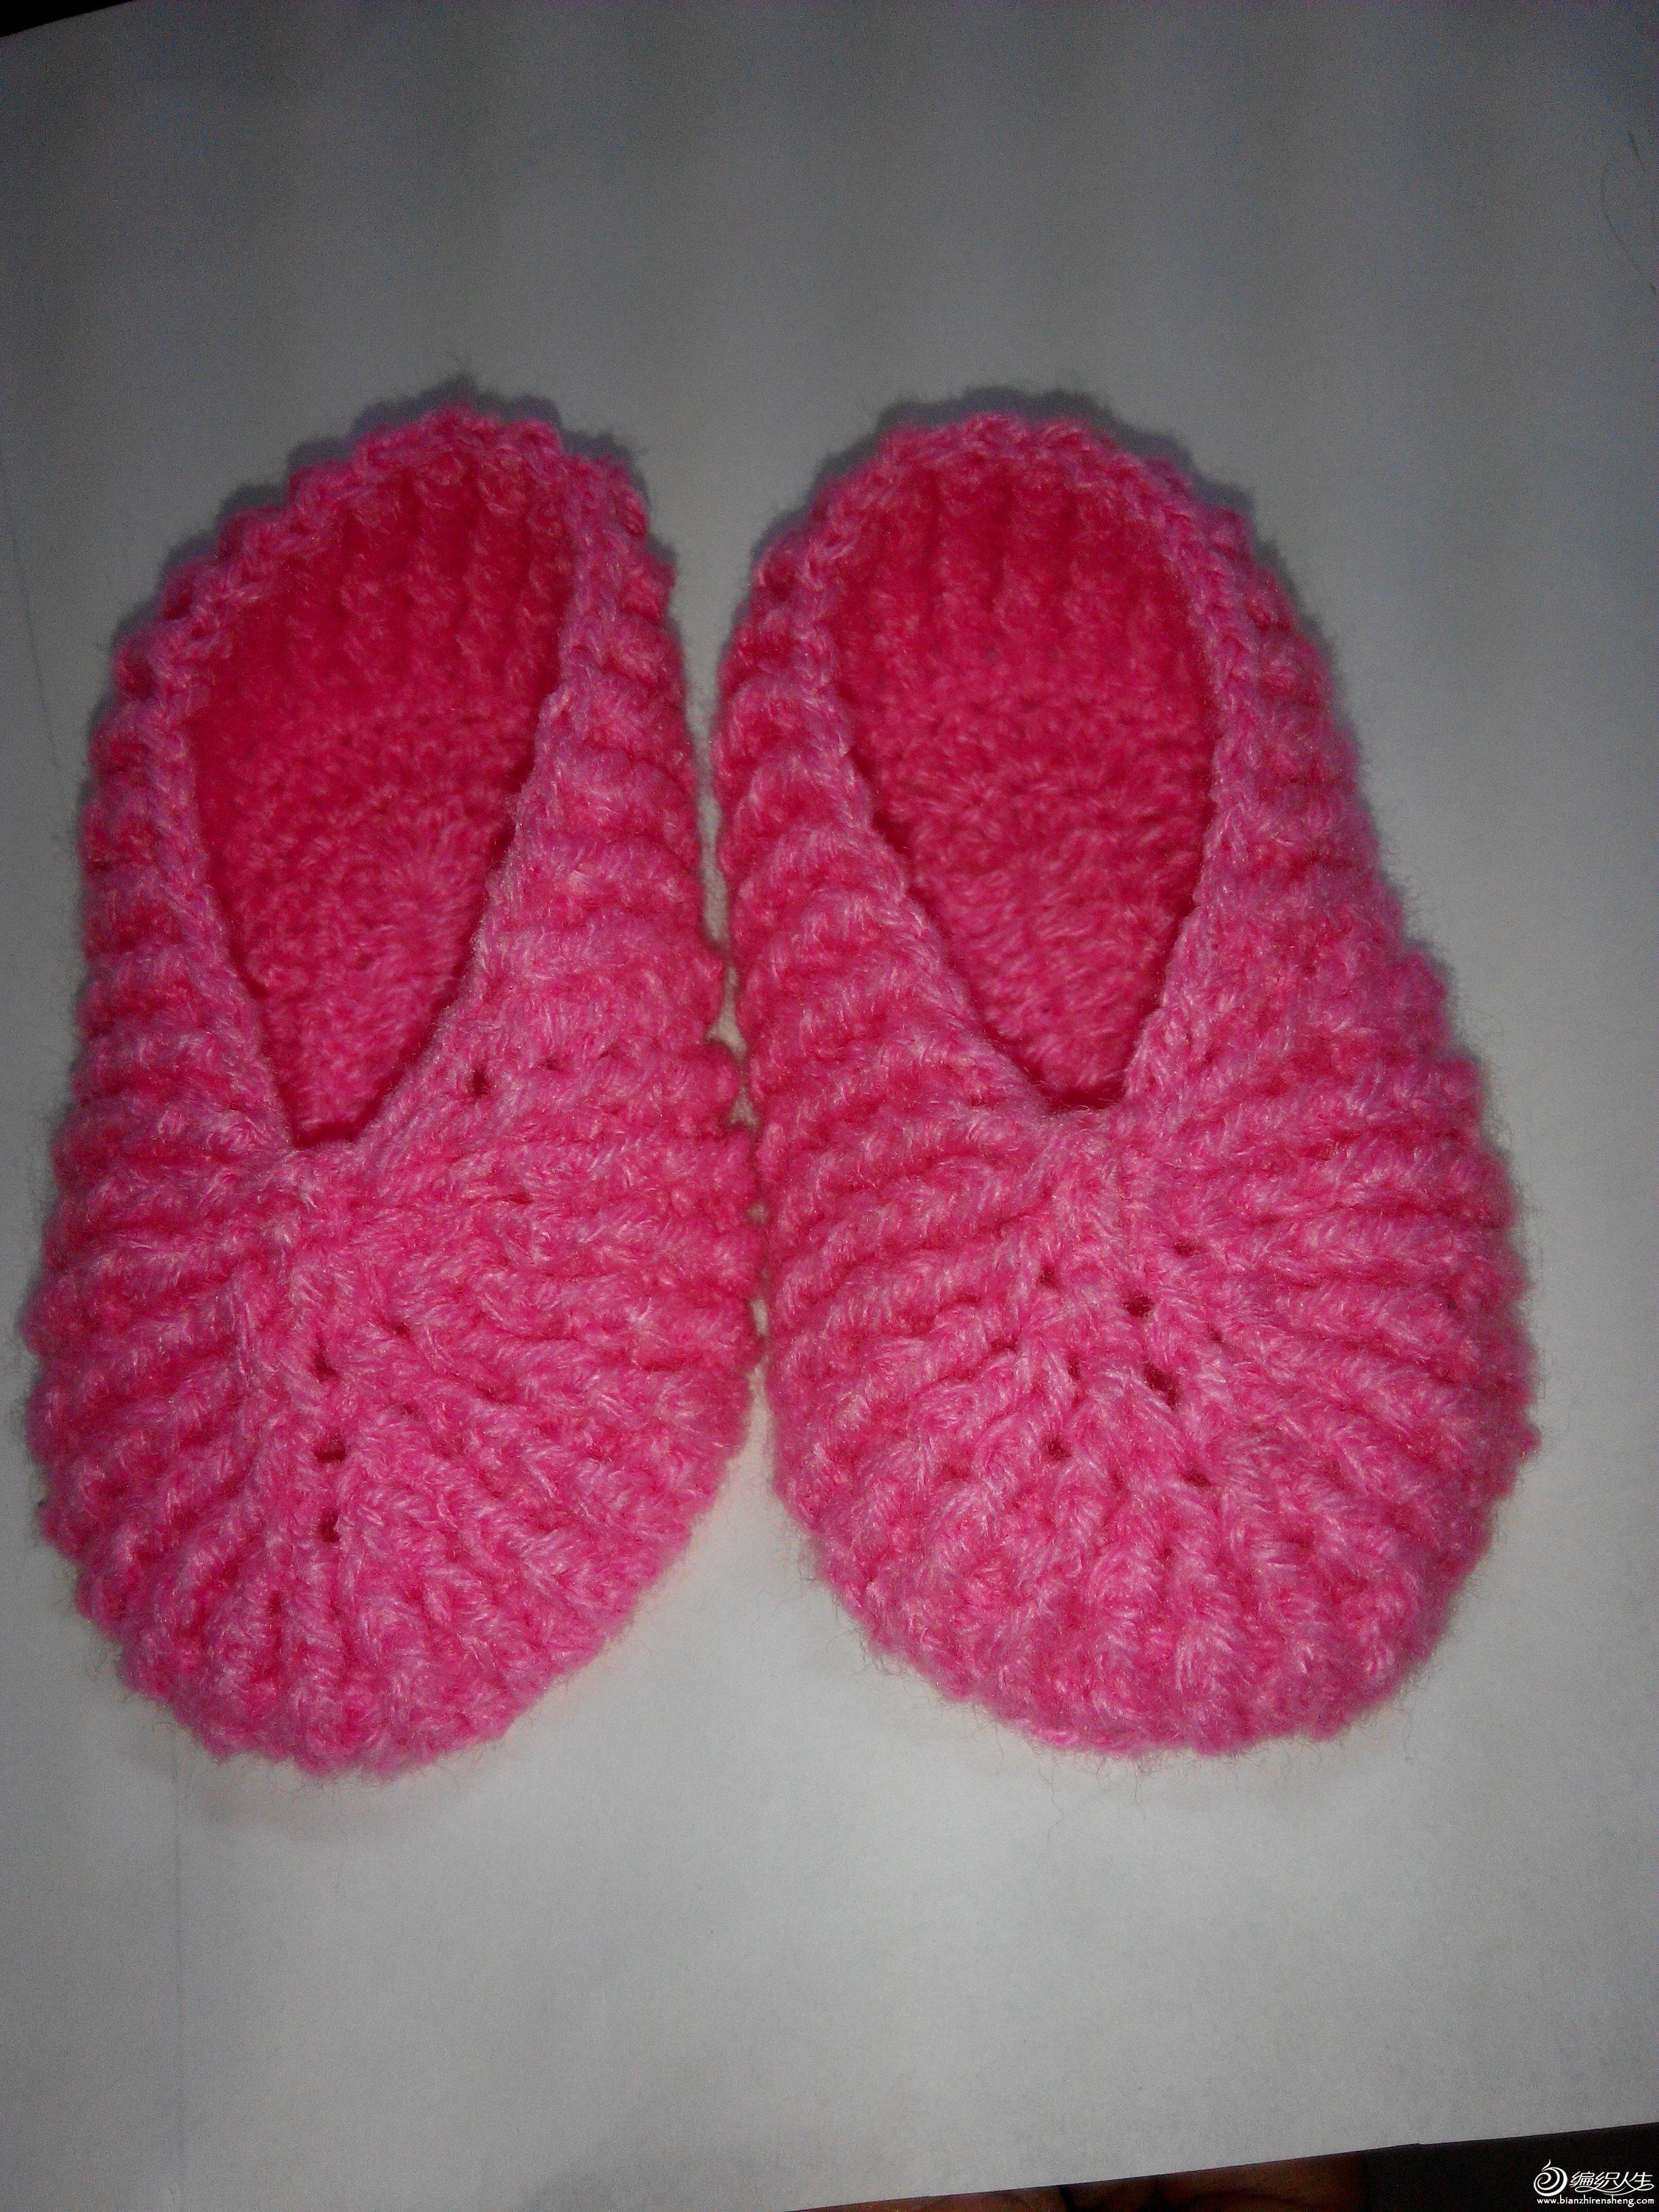 [鞋袜] 织给宝宝的小鞋子